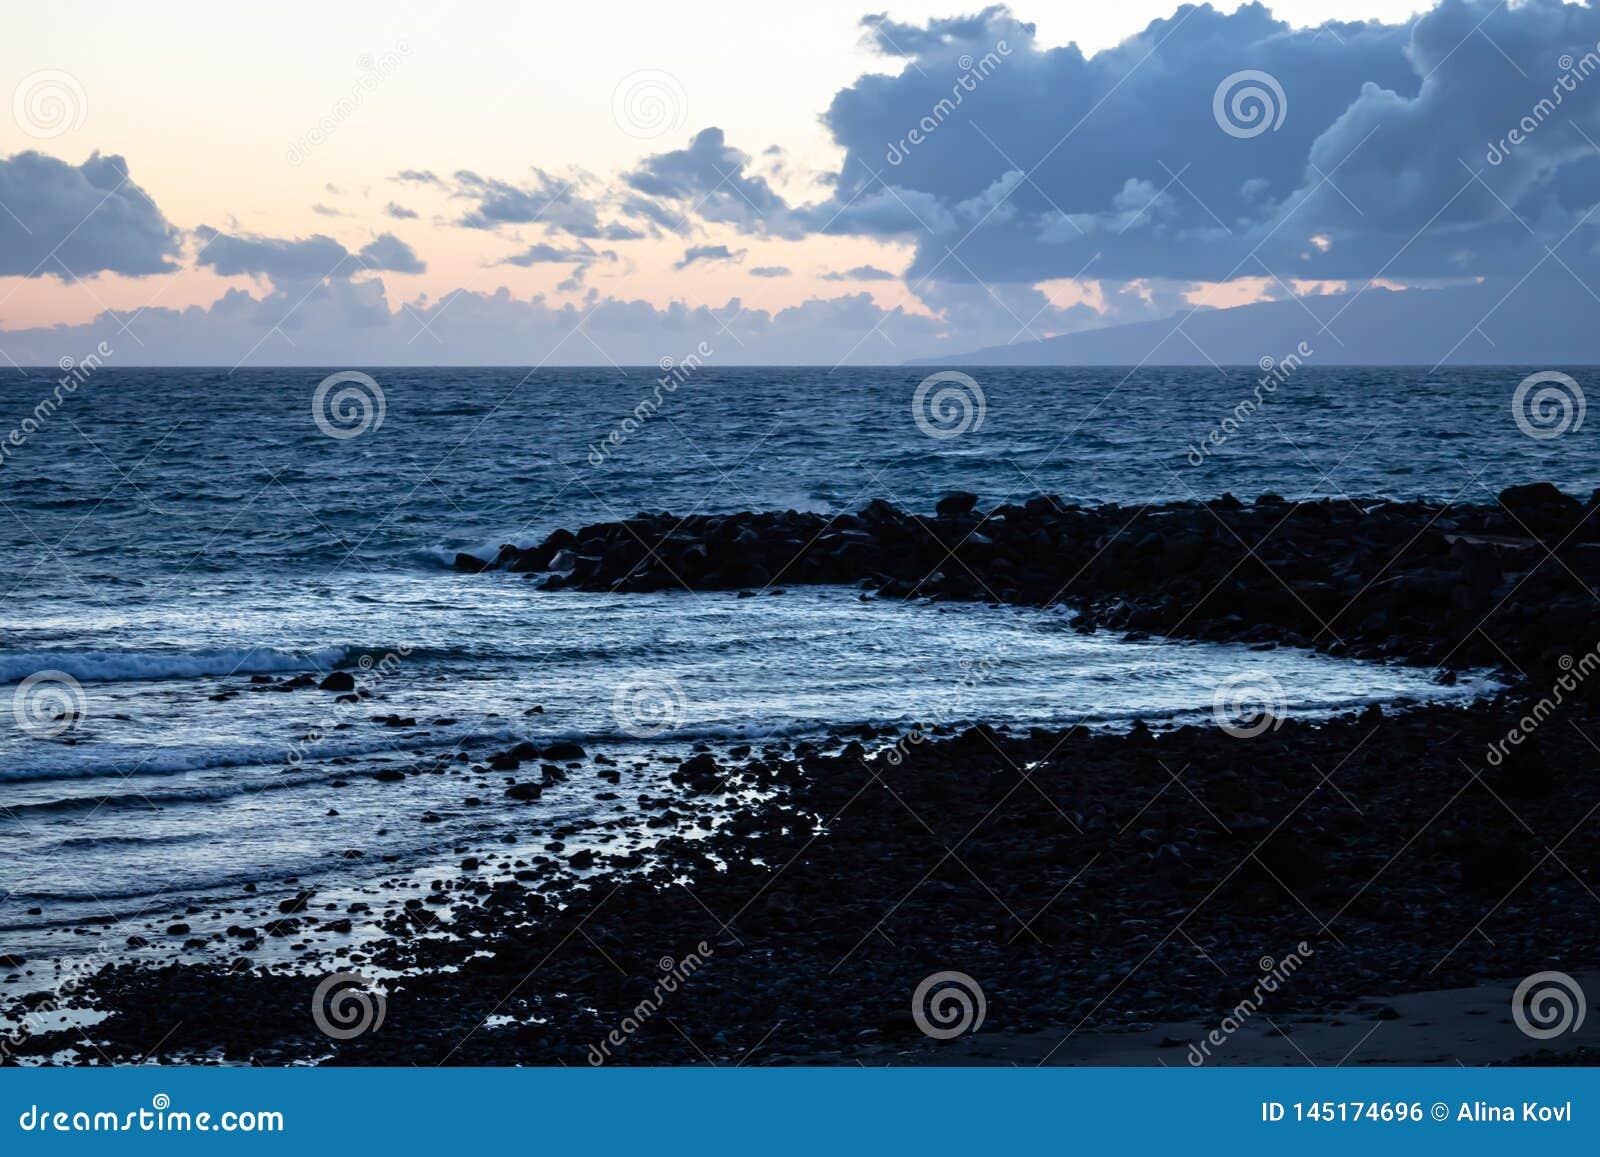 Παραλία στο σούρουπο - Κανάρια νησιά, Tenerife, Ισπανία - εικόνα